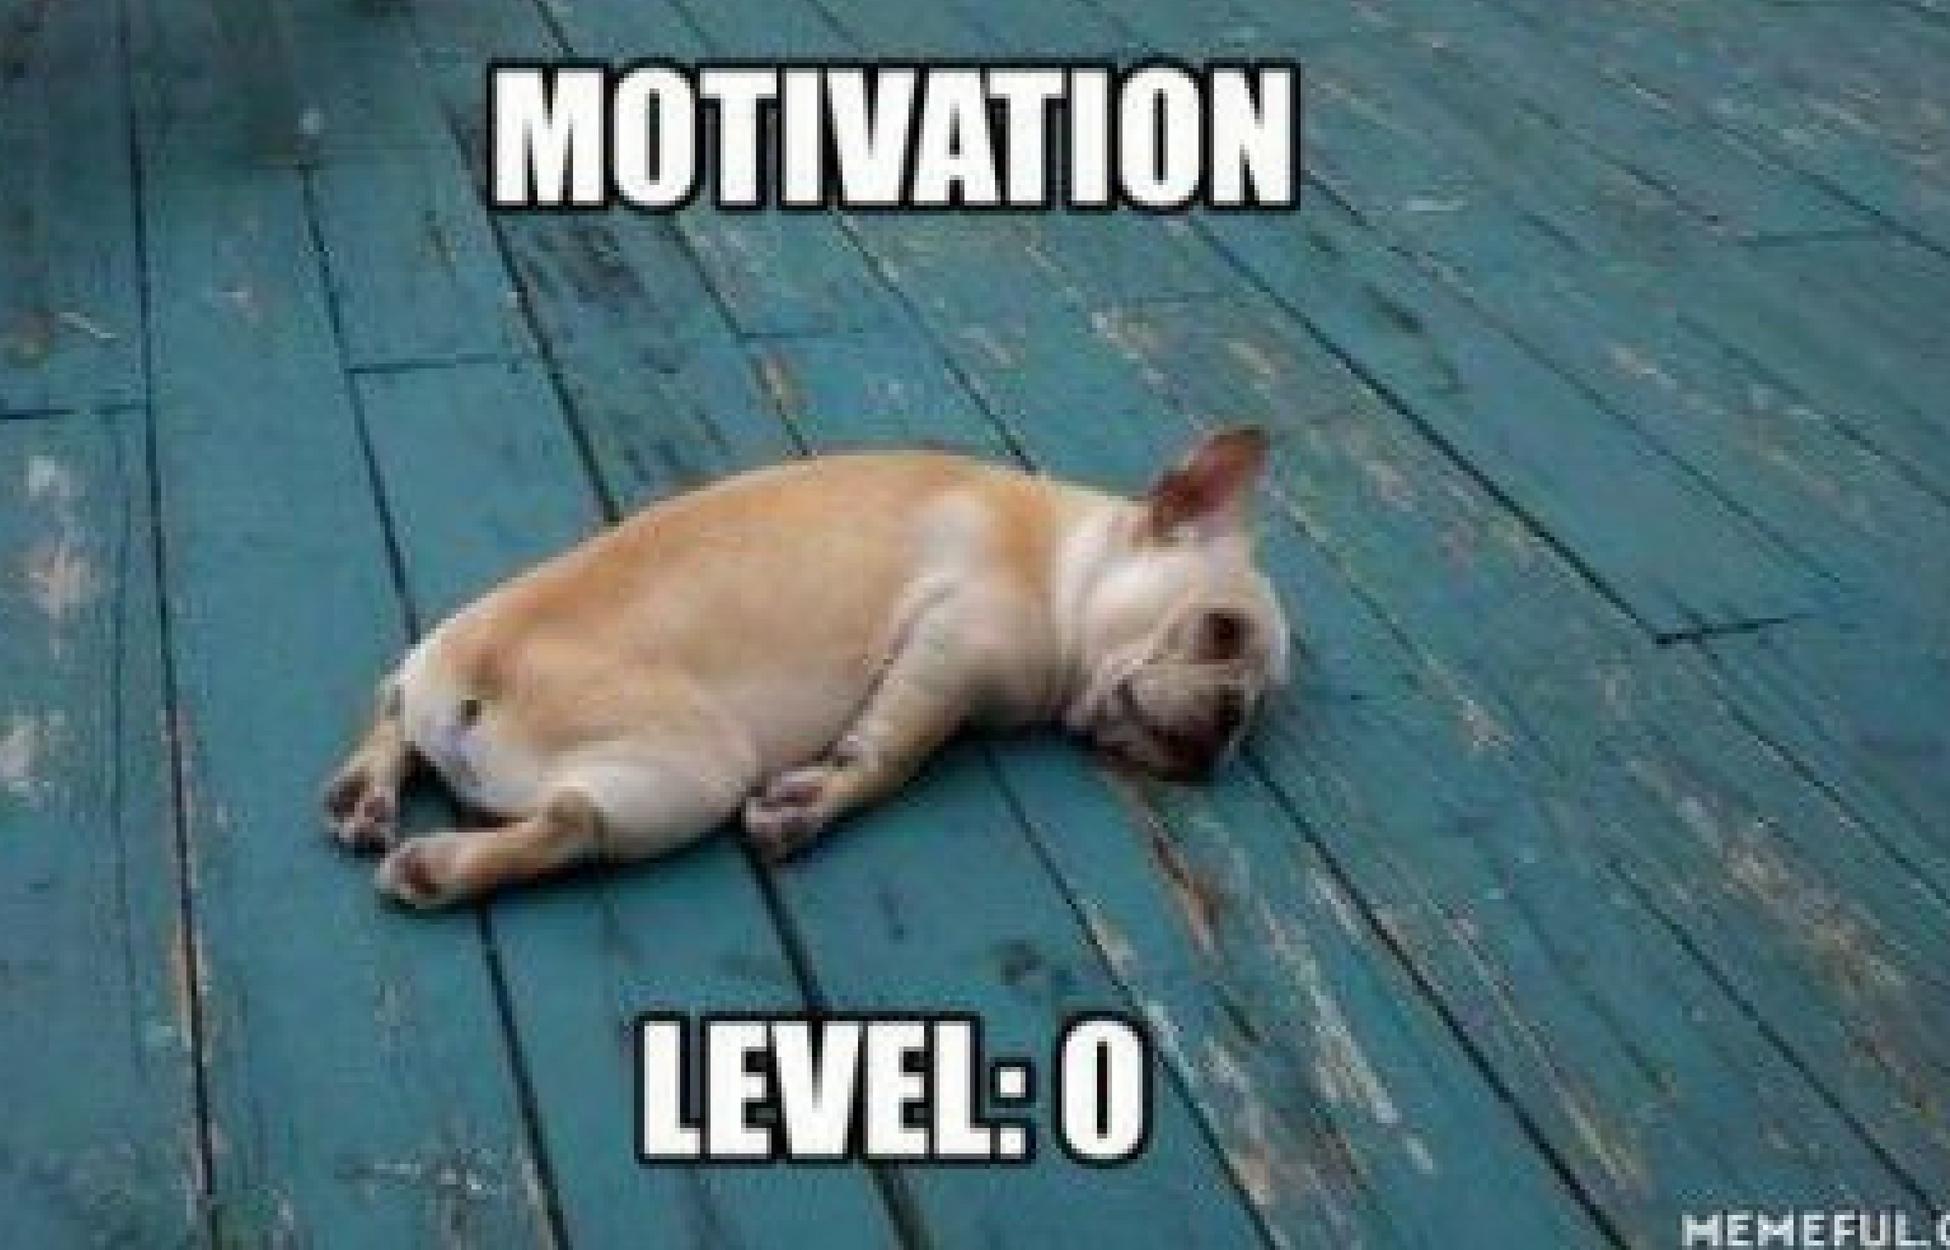 Meme of unmotivated dog